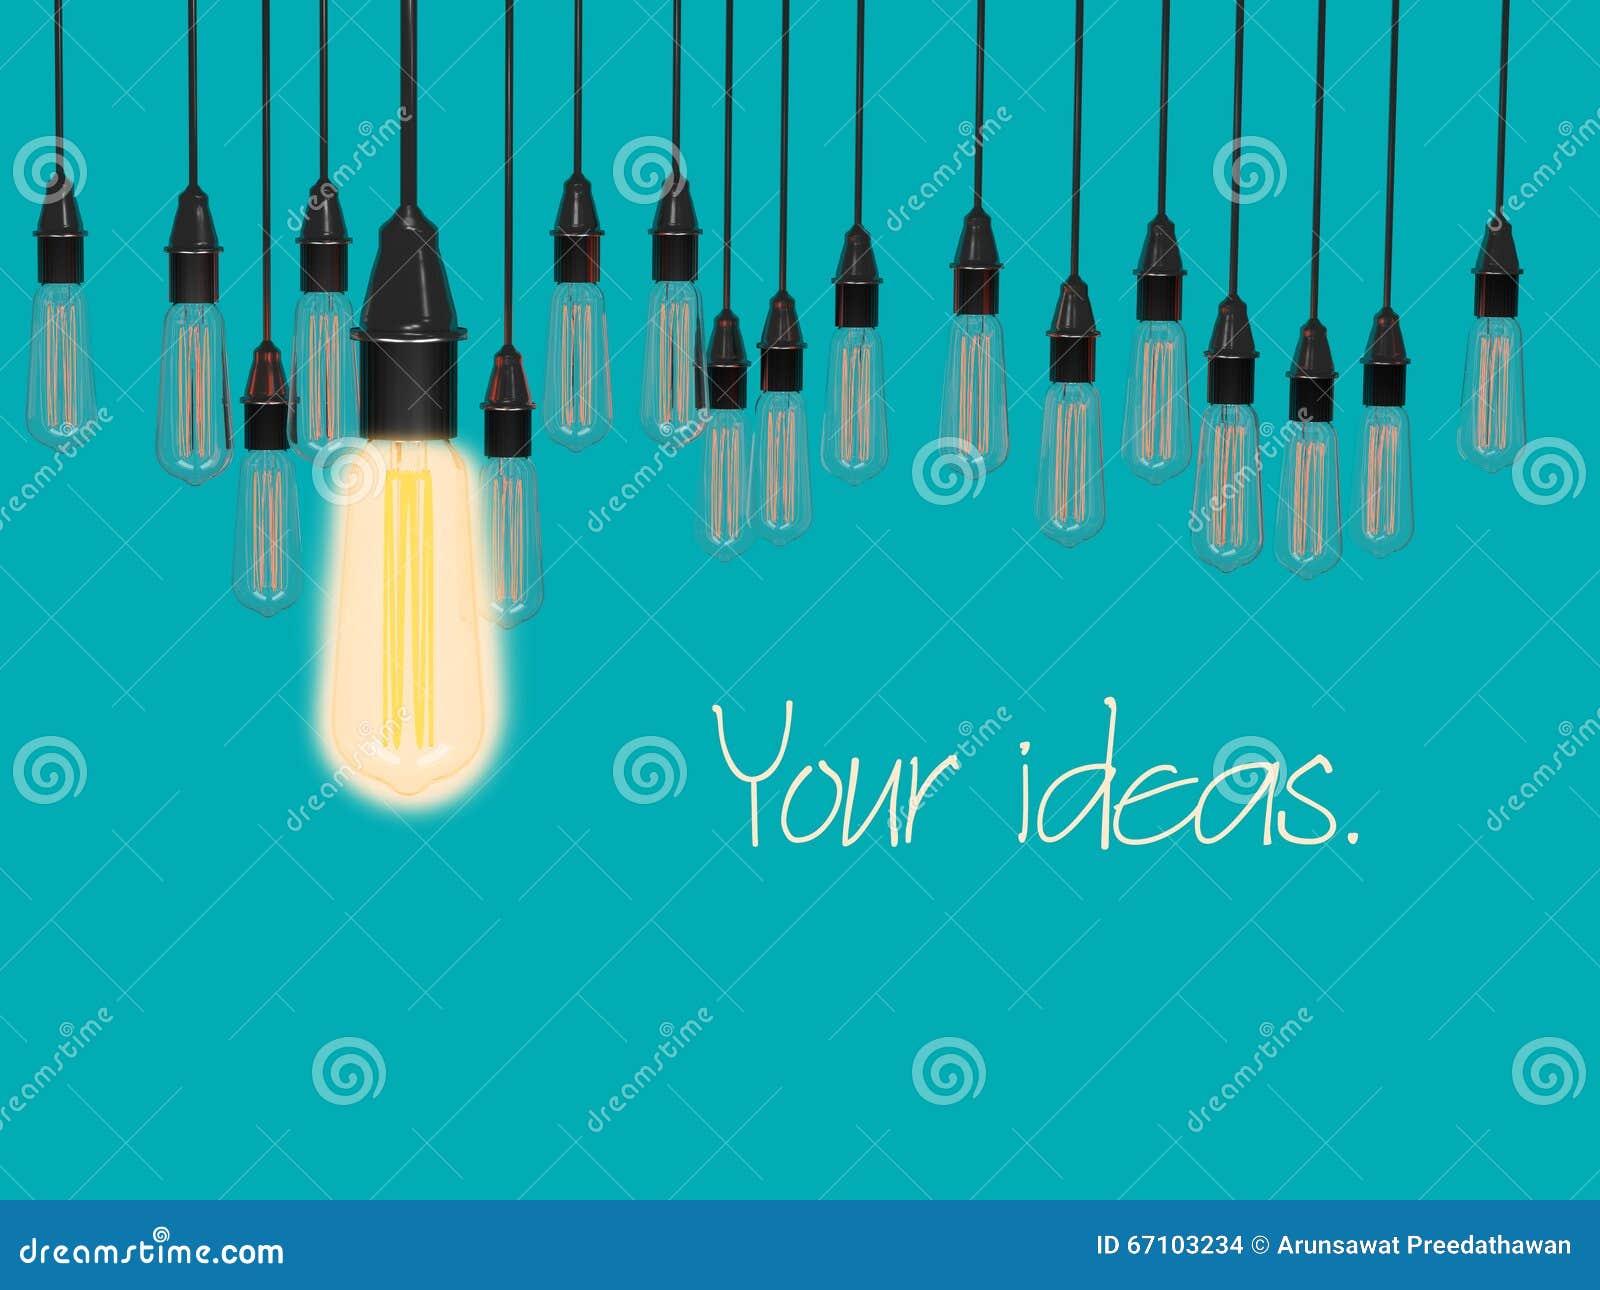 Begriffsidee von Glühlampen hängen am blauen Farbhintergrund Lite